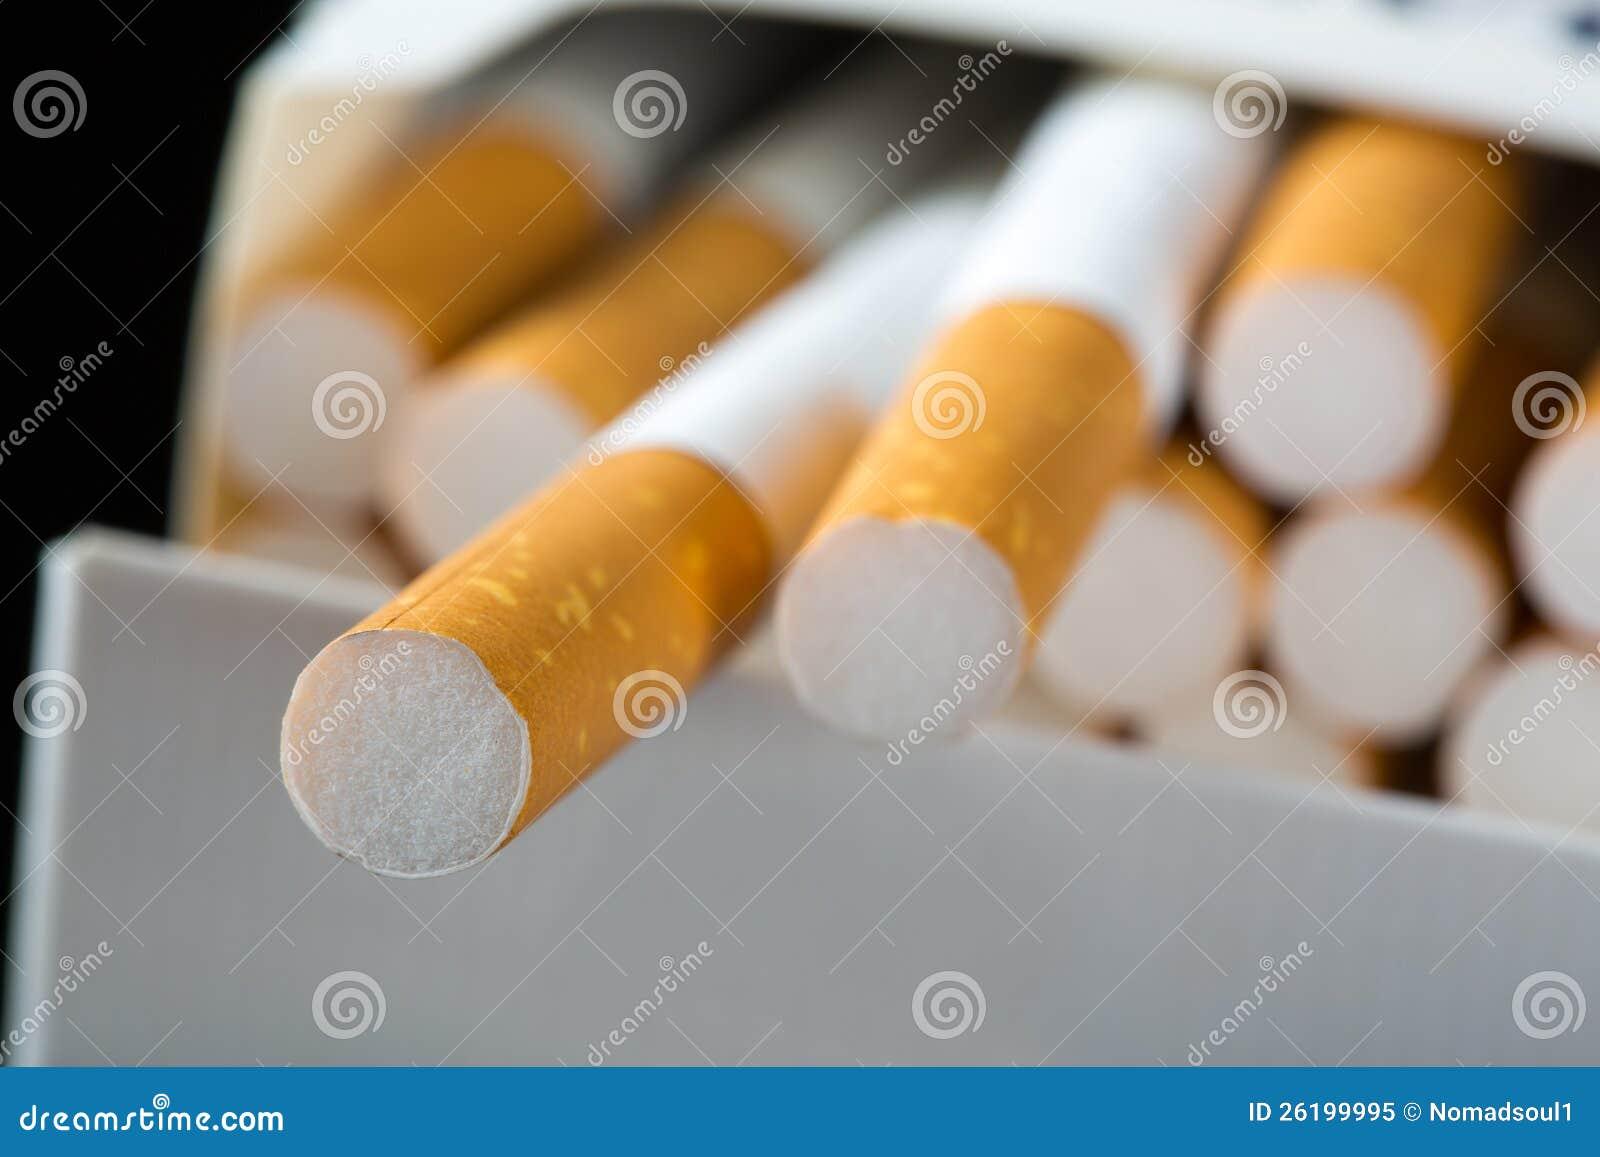 Сигареты в пакете